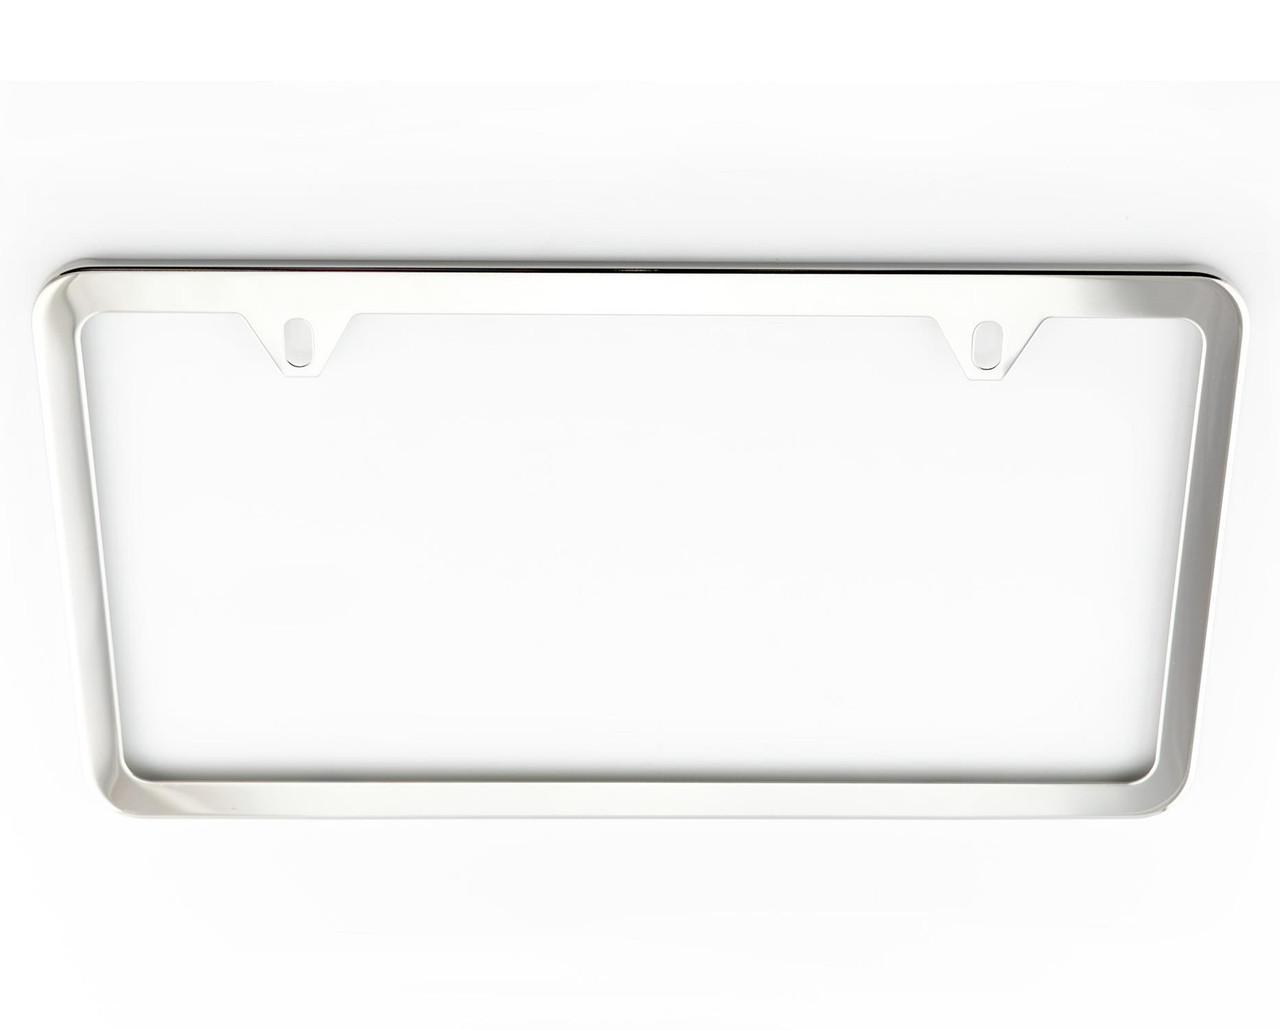 VW Slim Polished License Plate Frame (Z008)